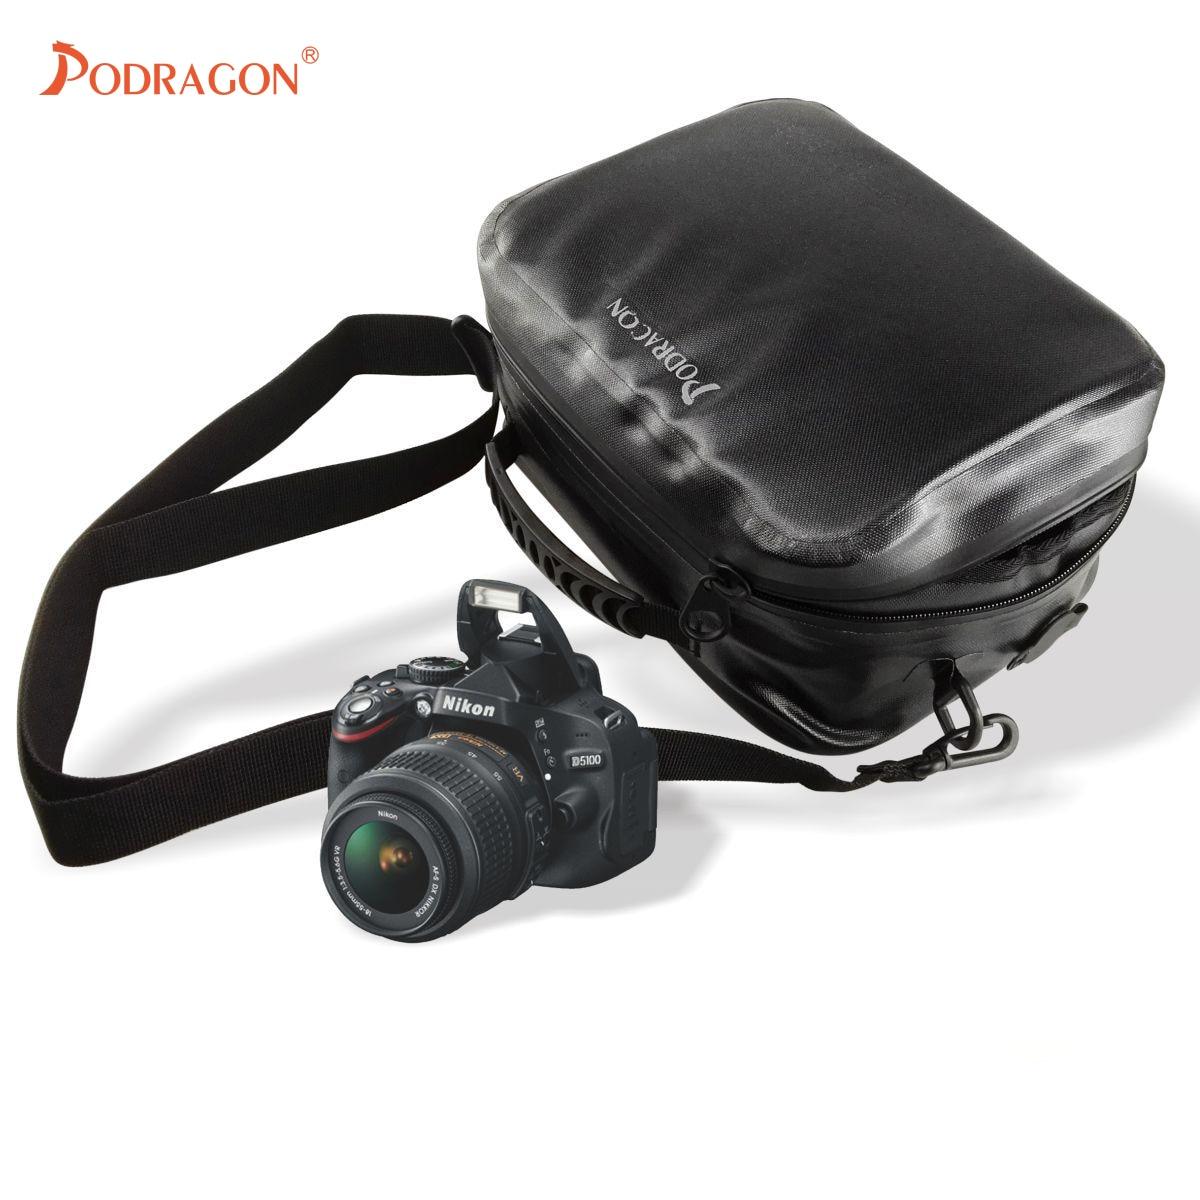 Podragon Waterproof Backpack Shoulder Waterproof Camera Bag Shockproof Full Waterproof Portable Airtight Outdoor Bag